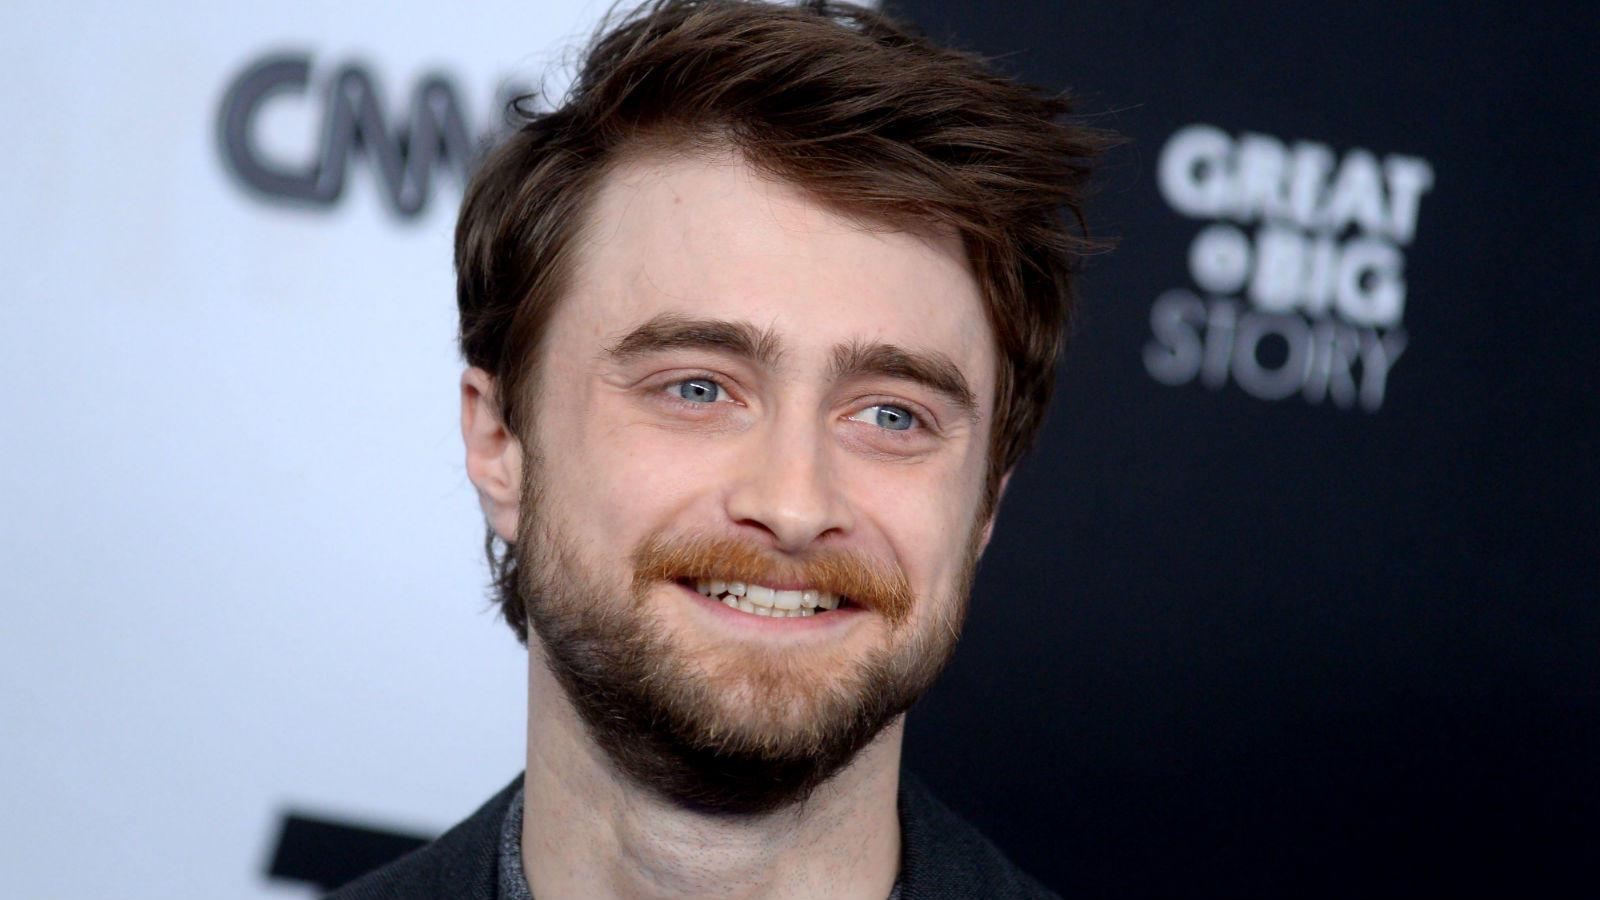 A Harry Potter sagával berobbanó és azóta sorozatokban és színházban is játszó, most is még mindössze 29 éves brit színész se járt soha felsőoktatási intézménybe. (REX/ Shutterstock)